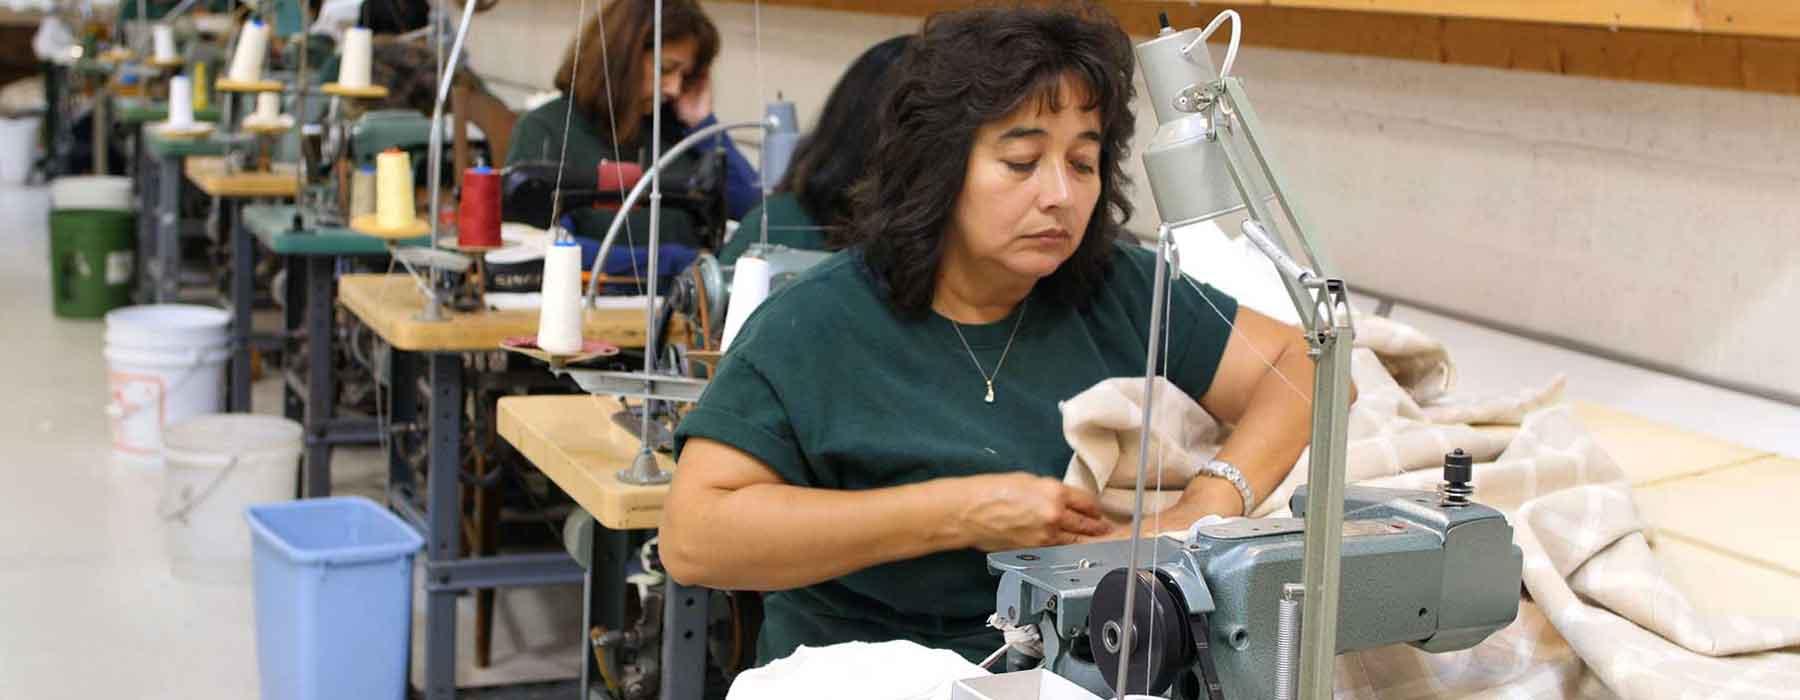 Craftshop Handcrafted